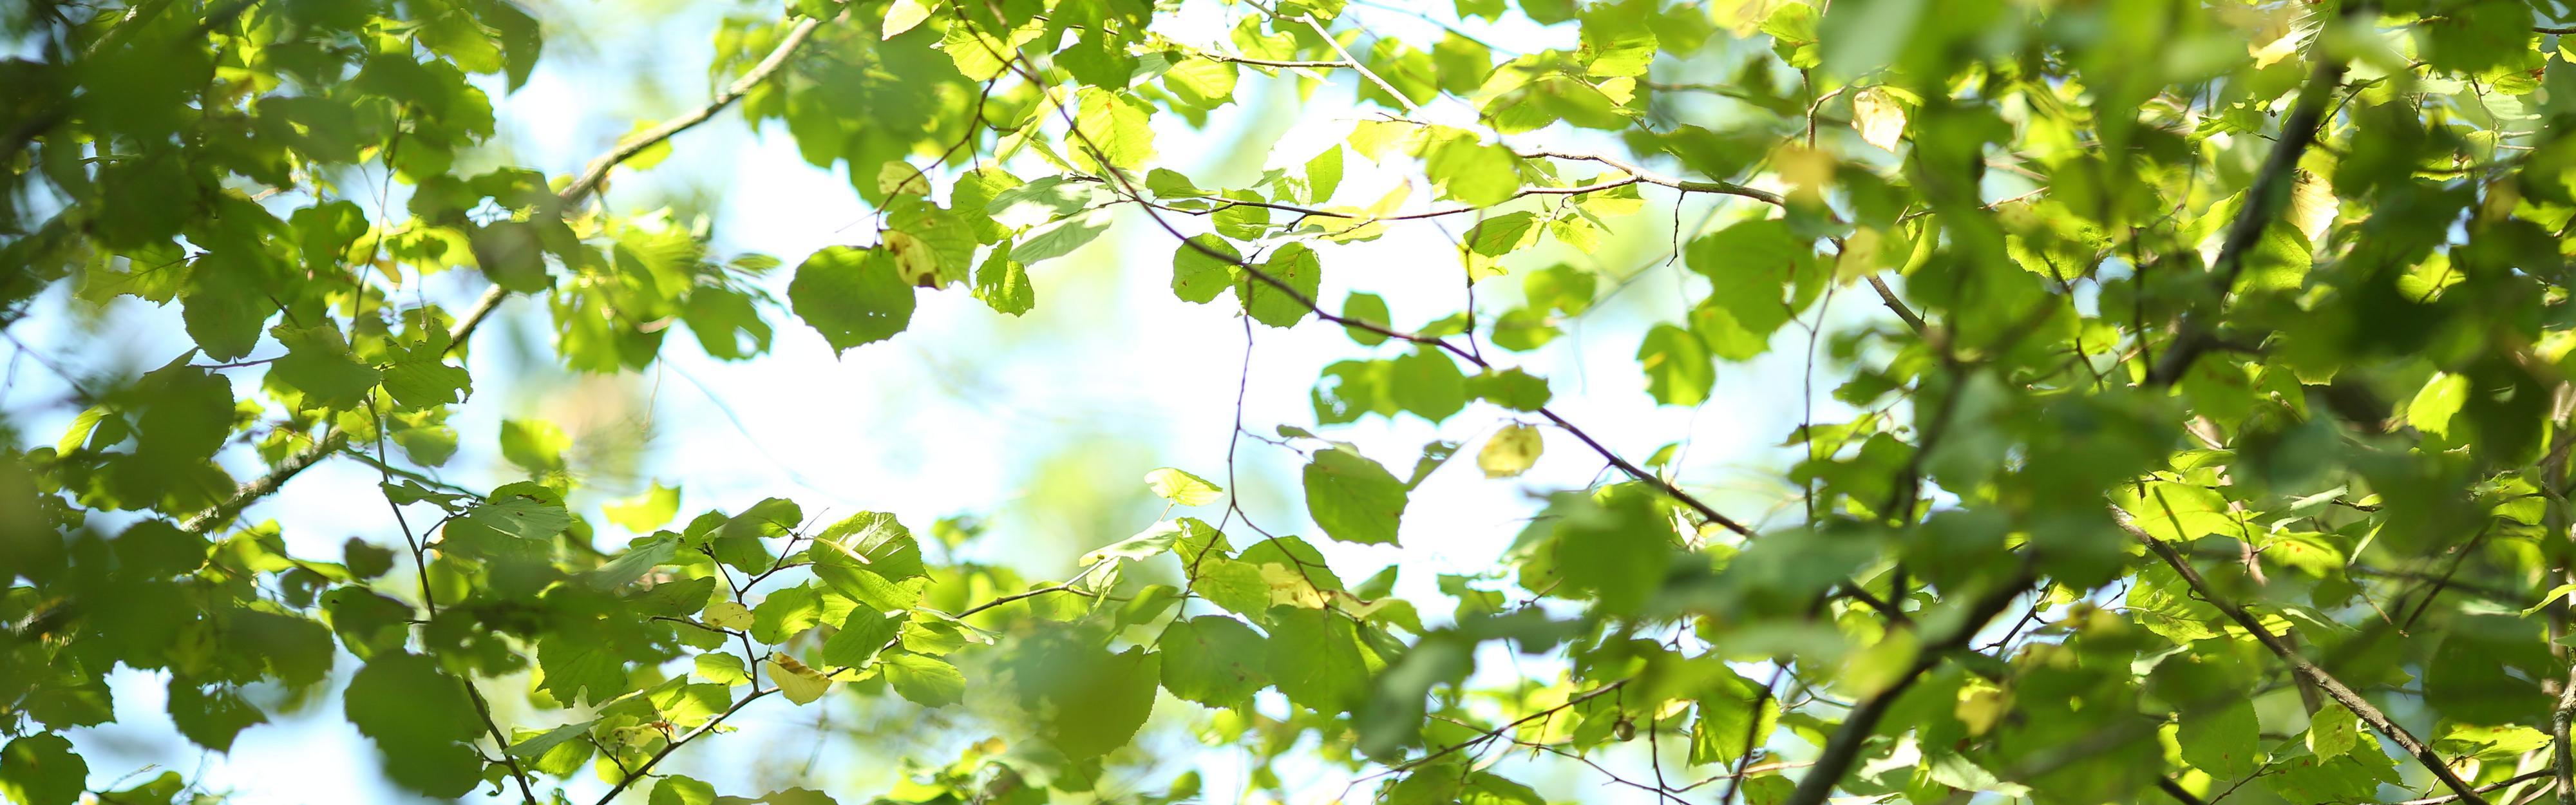 Puun oksat ja vihreät lehdet.